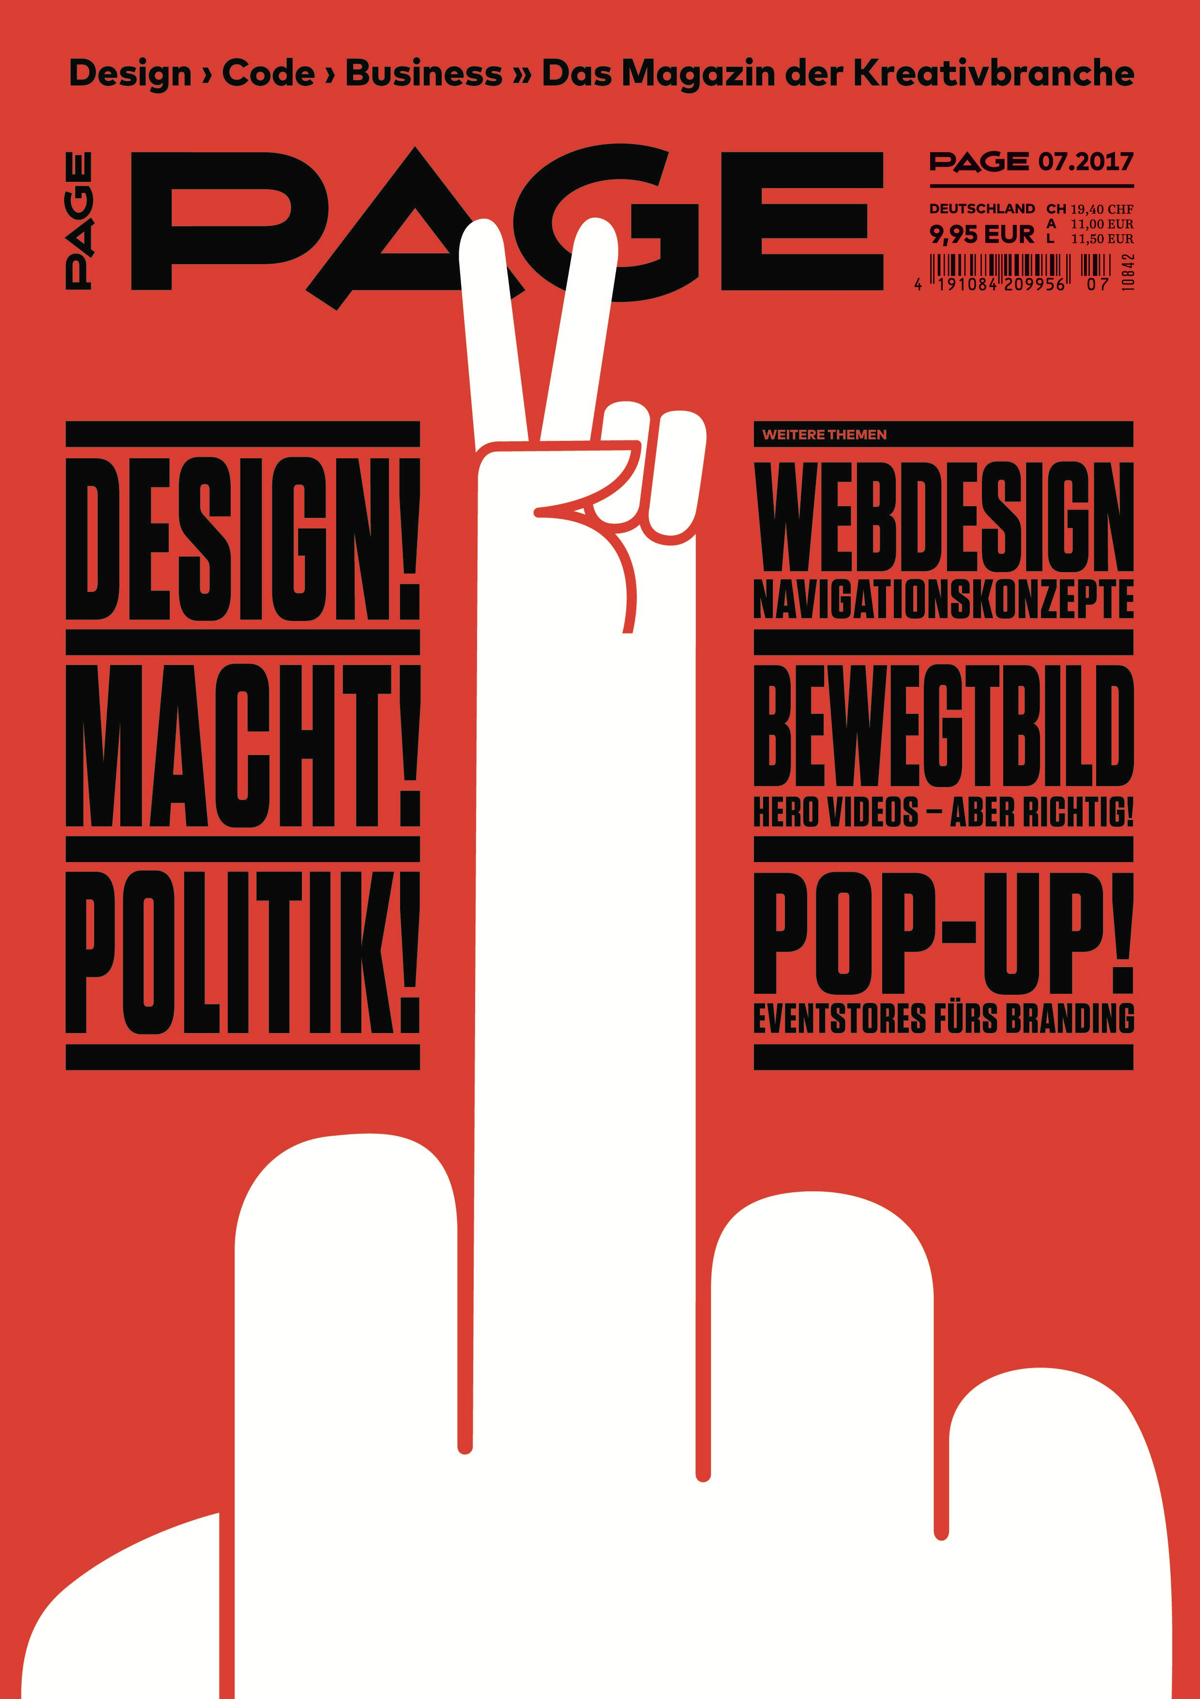 Kampagne, Design, Kommunikationsdesign, Ausstellungen, Kreativbranche, Grafikdesign